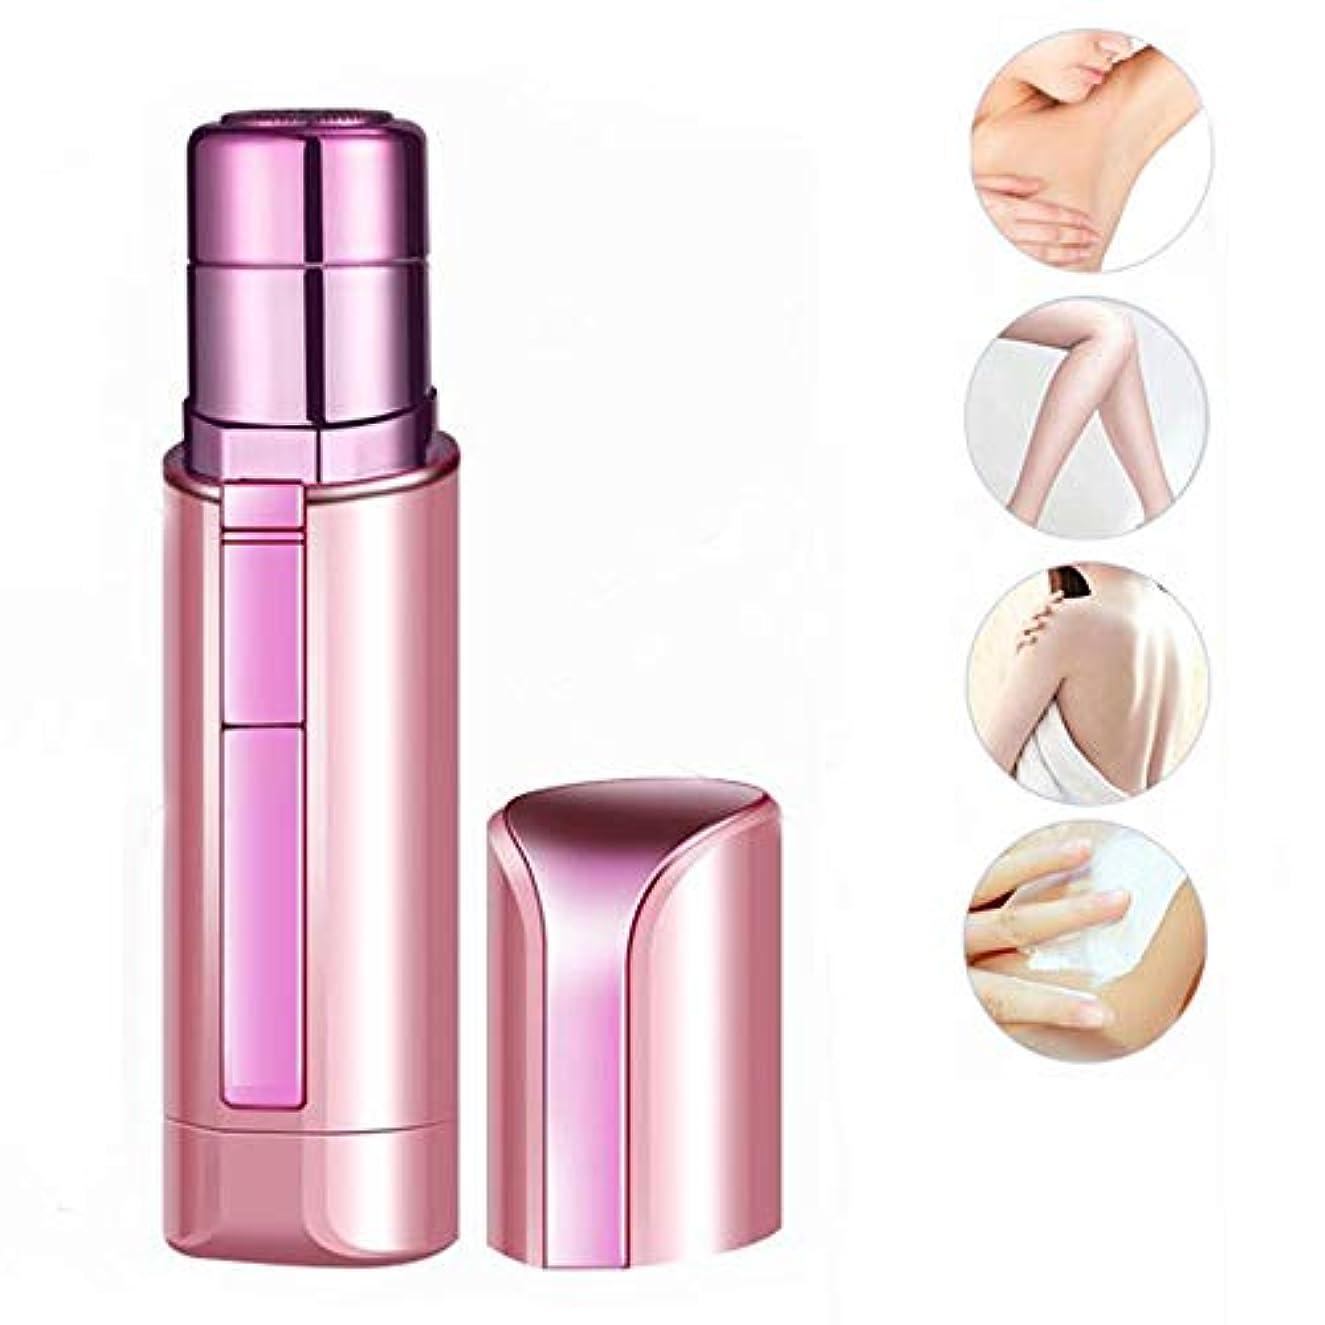 系統的ラウンジ意図する口紅アイブロウトリマー、多機能ポータブル電気の女性の顔トリマービキニアーム用レッグボディー(ホワイト、ピンク),ピンク